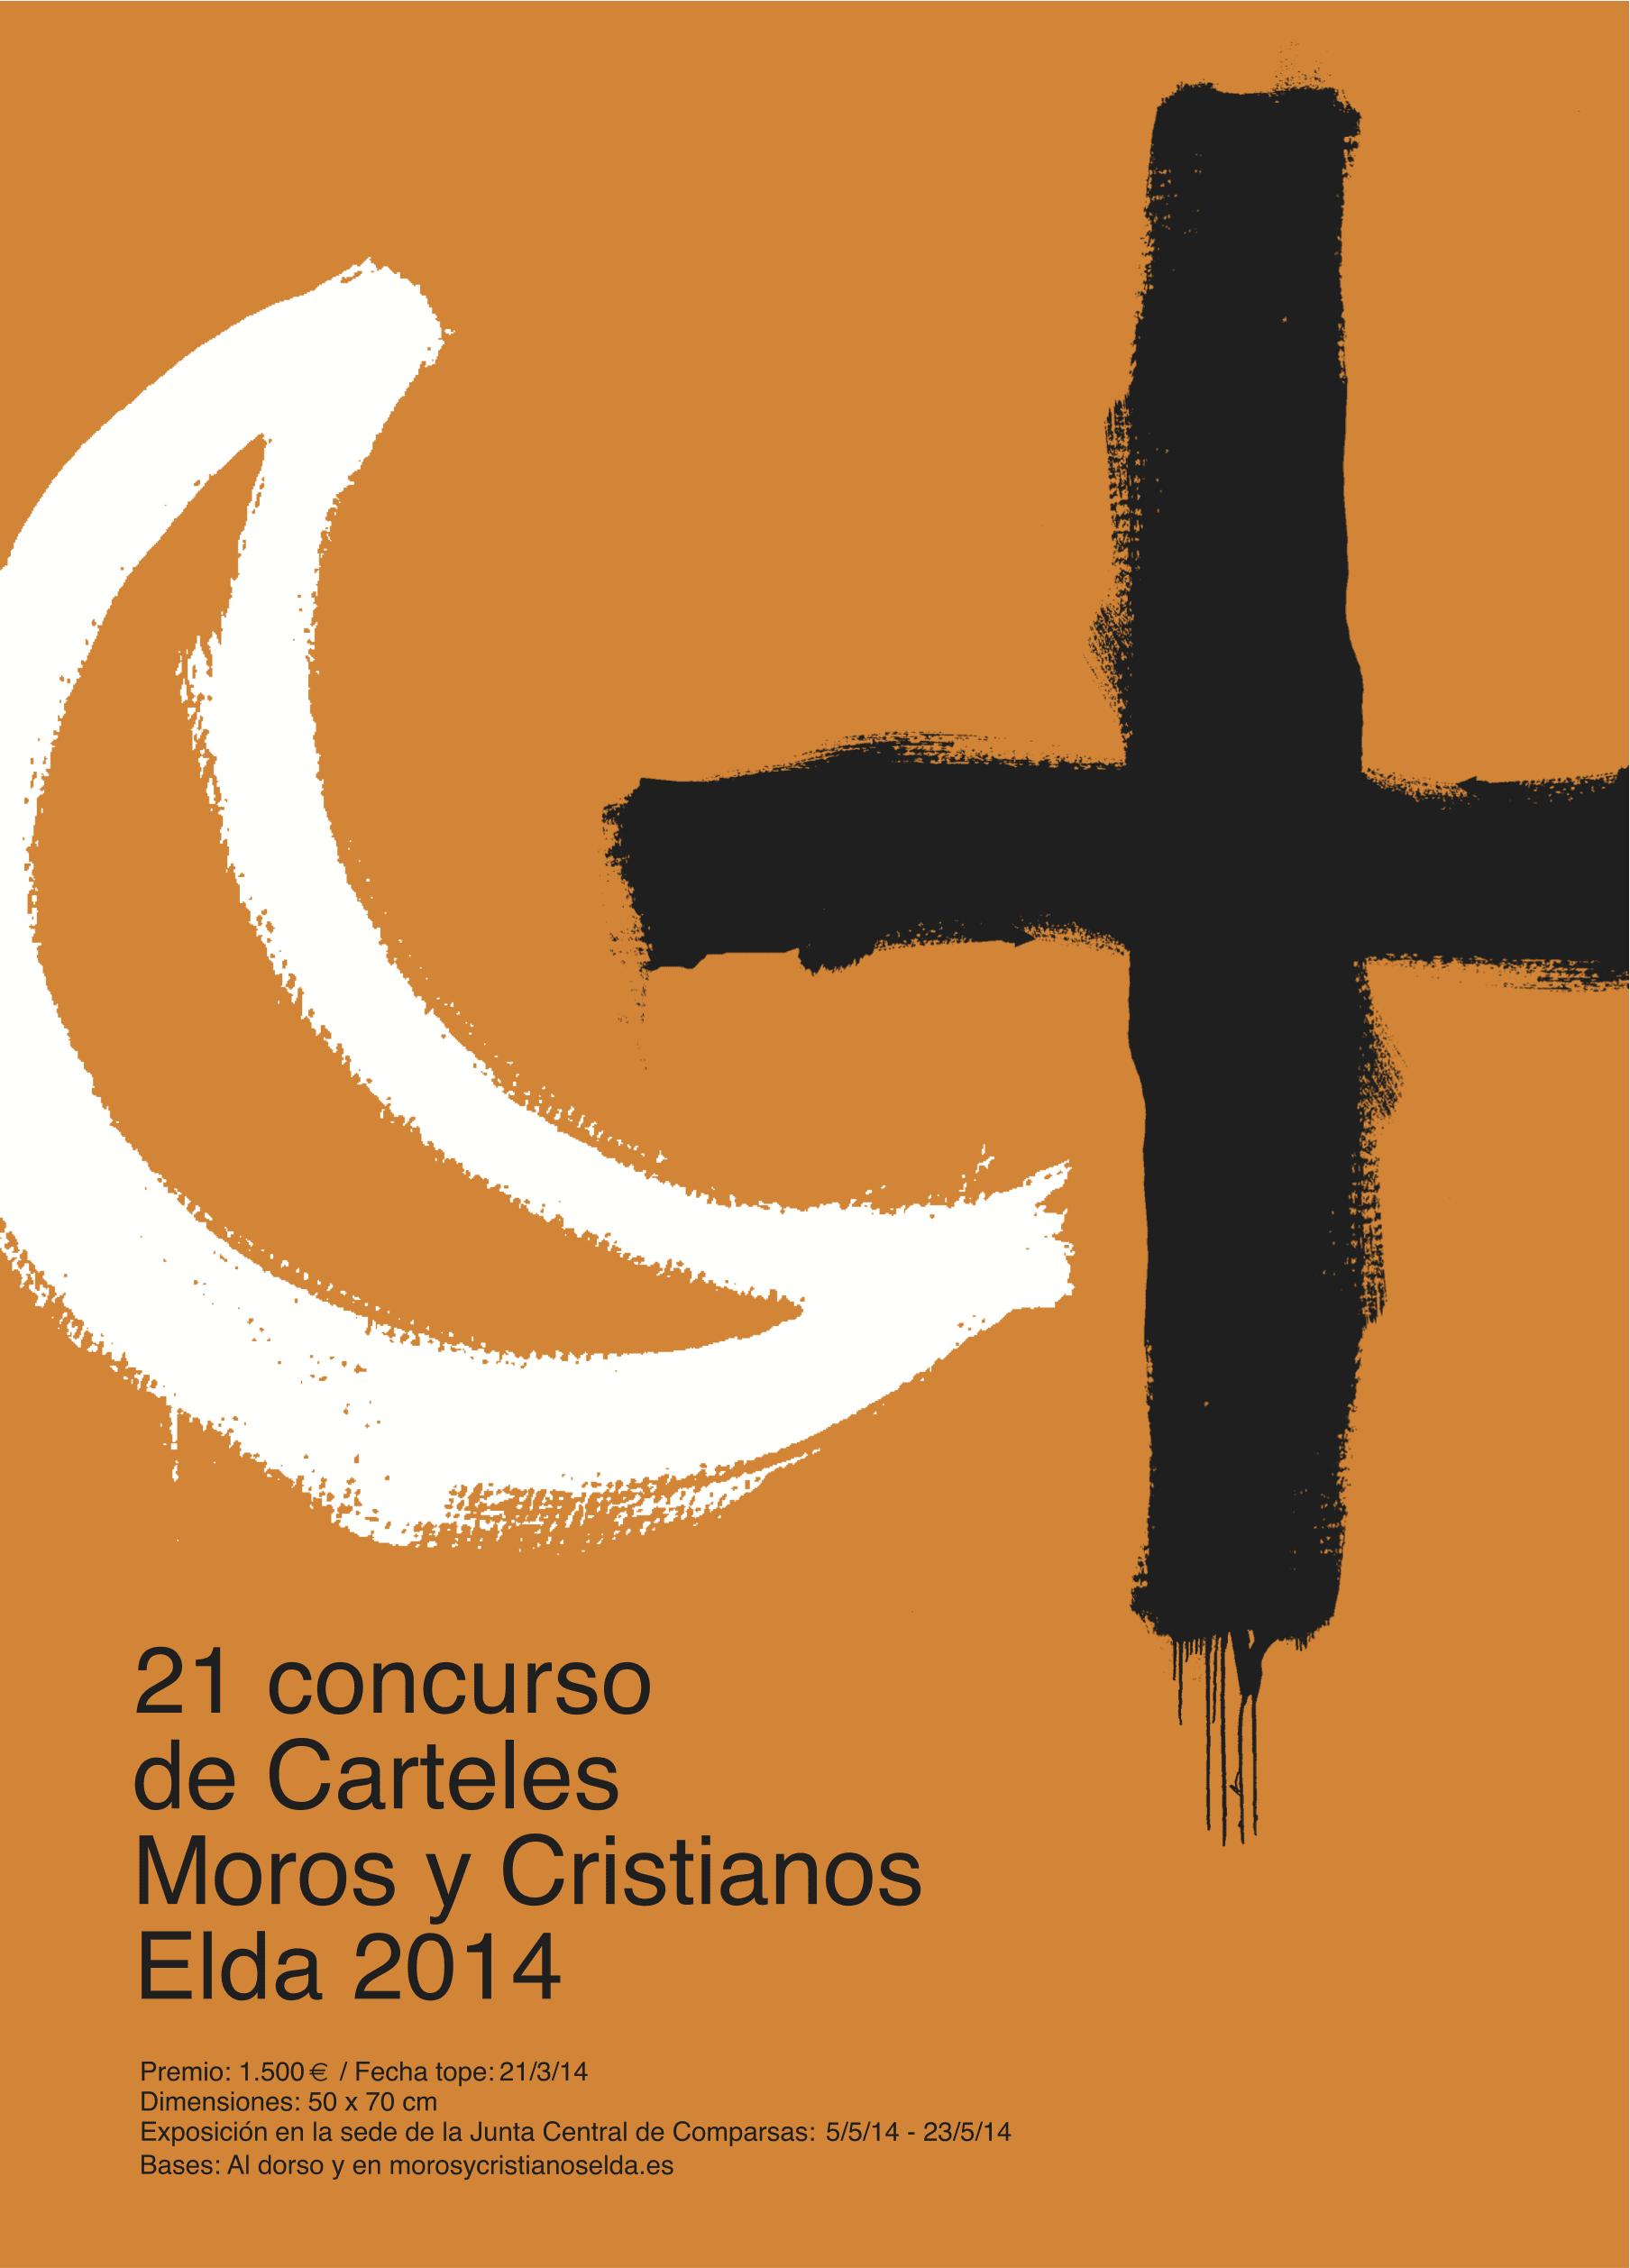 CONCURSO MOROS Y CRISTIANOS 2014